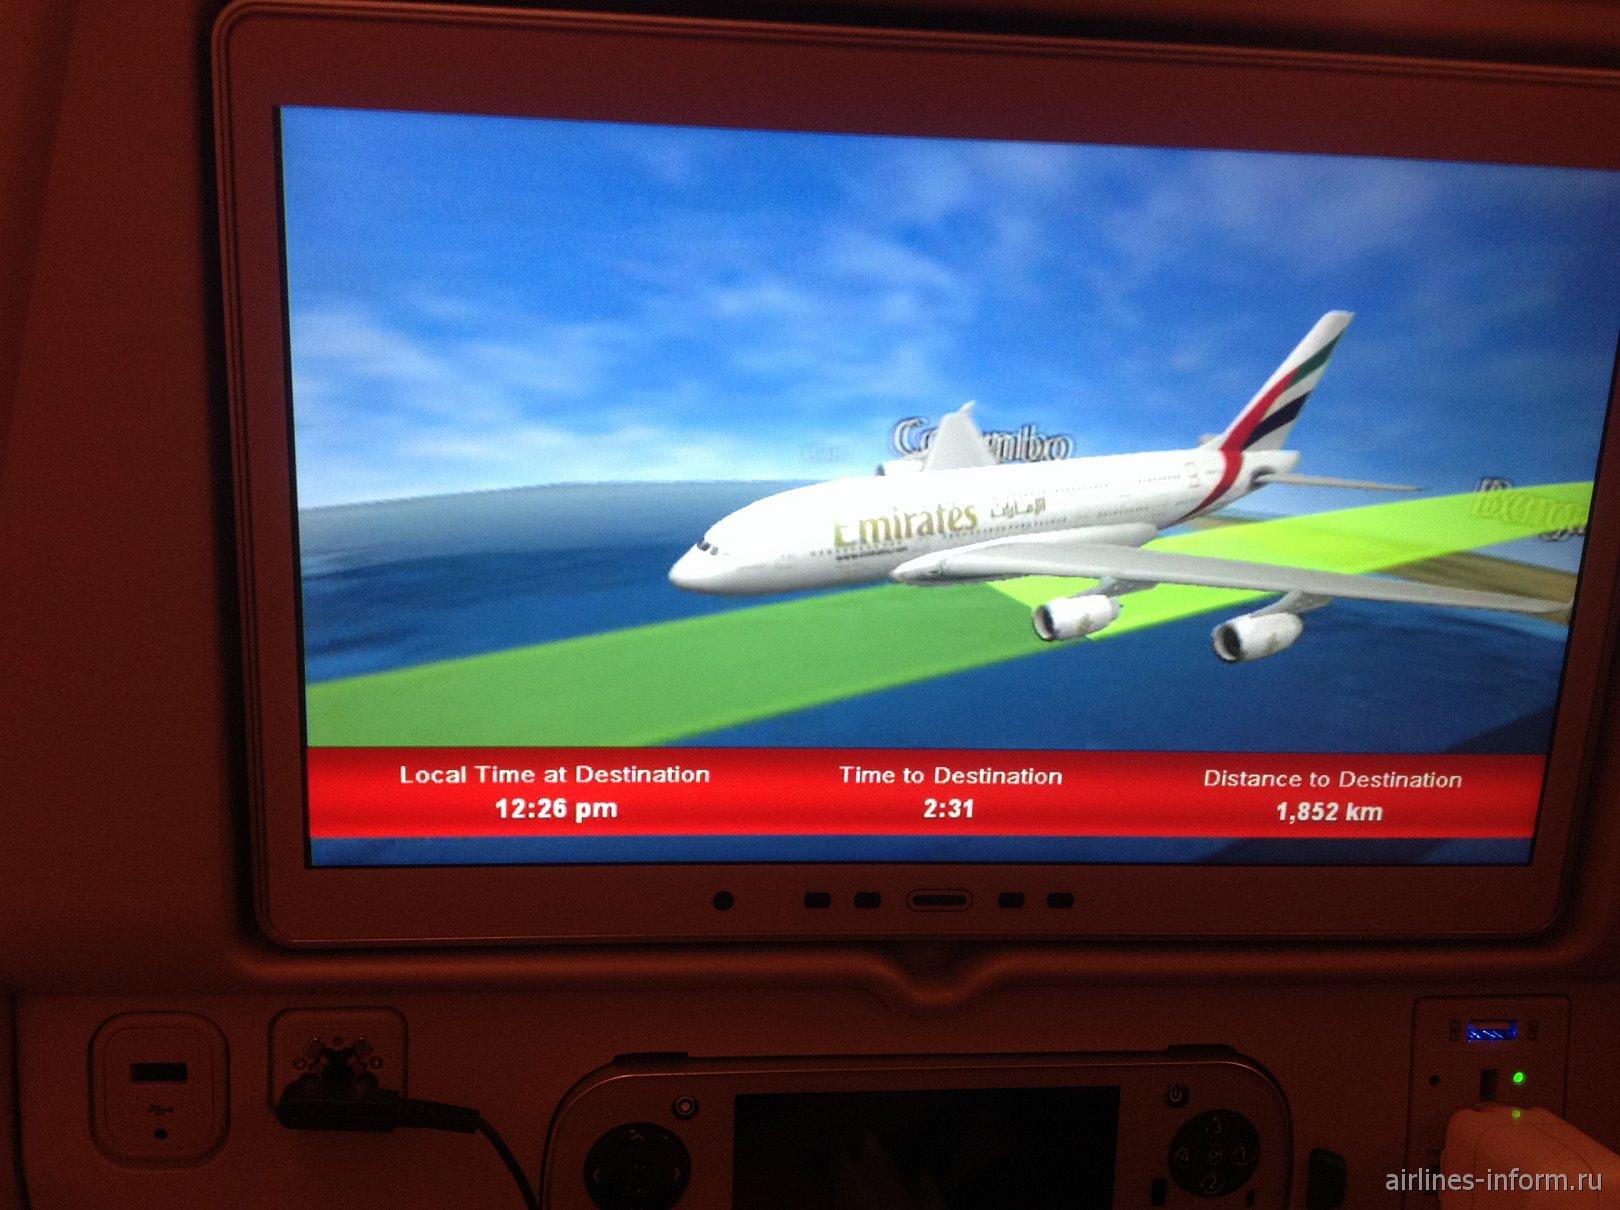 Под крыльями Евразии. Часть 4 - в настоящую Азию с Эмирейтс: Дубаи (DXB) -  Куала-Лумпур (KUL) на А380-842